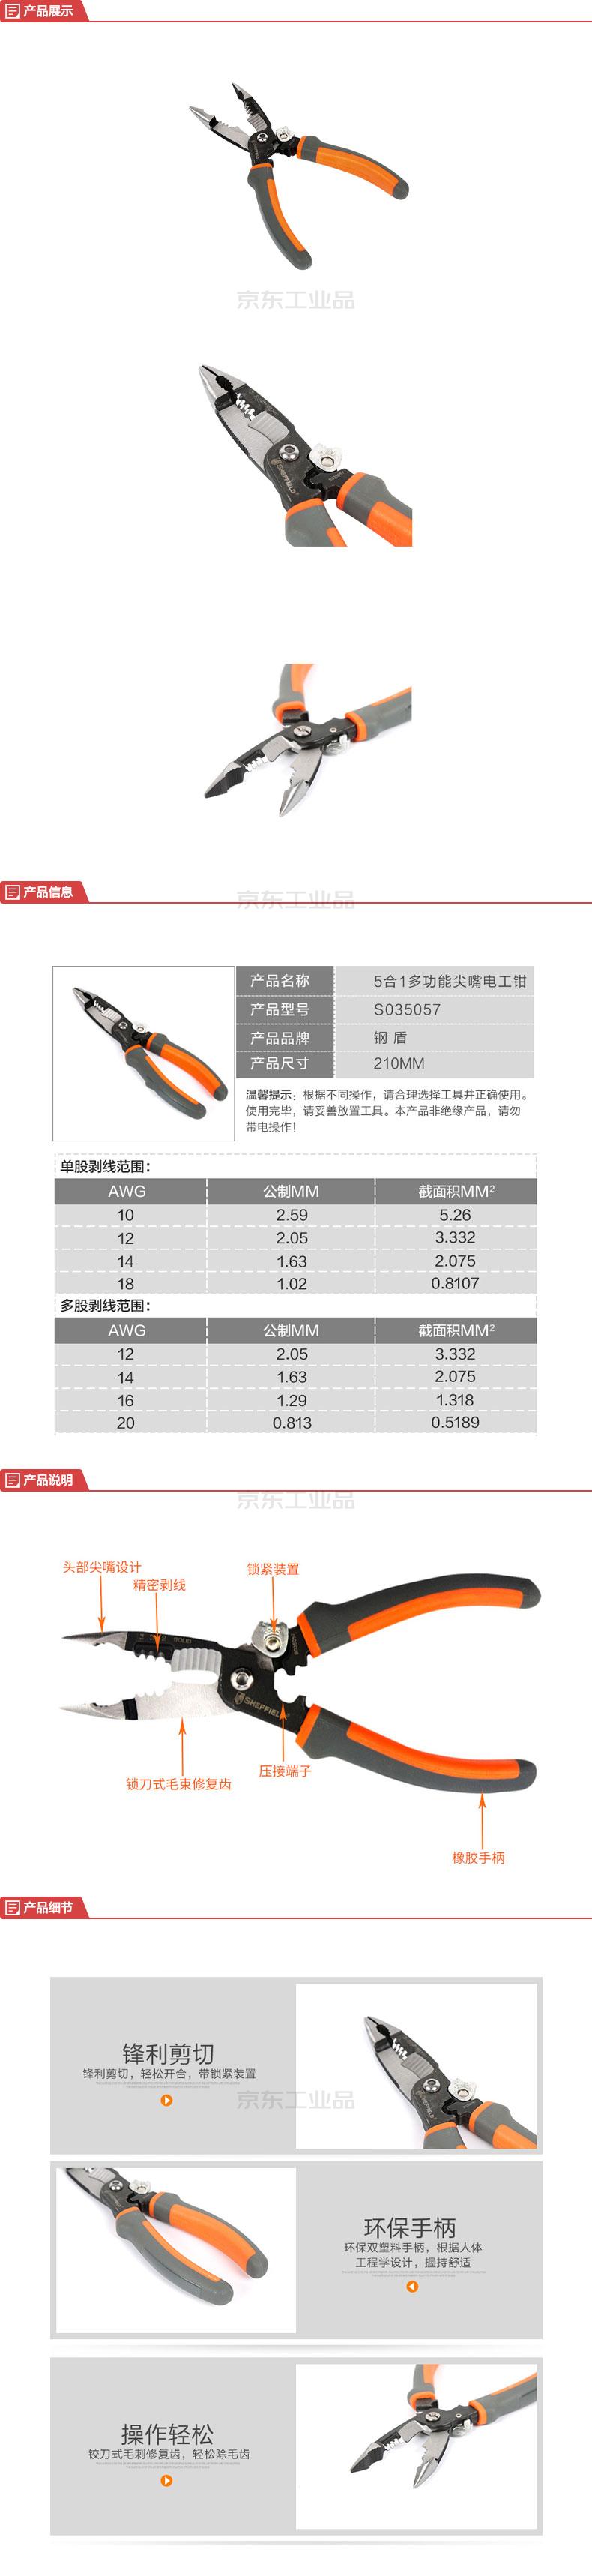 钢盾(SHEFFIELD) 5合1多功能尖嘴电工钳;S035057